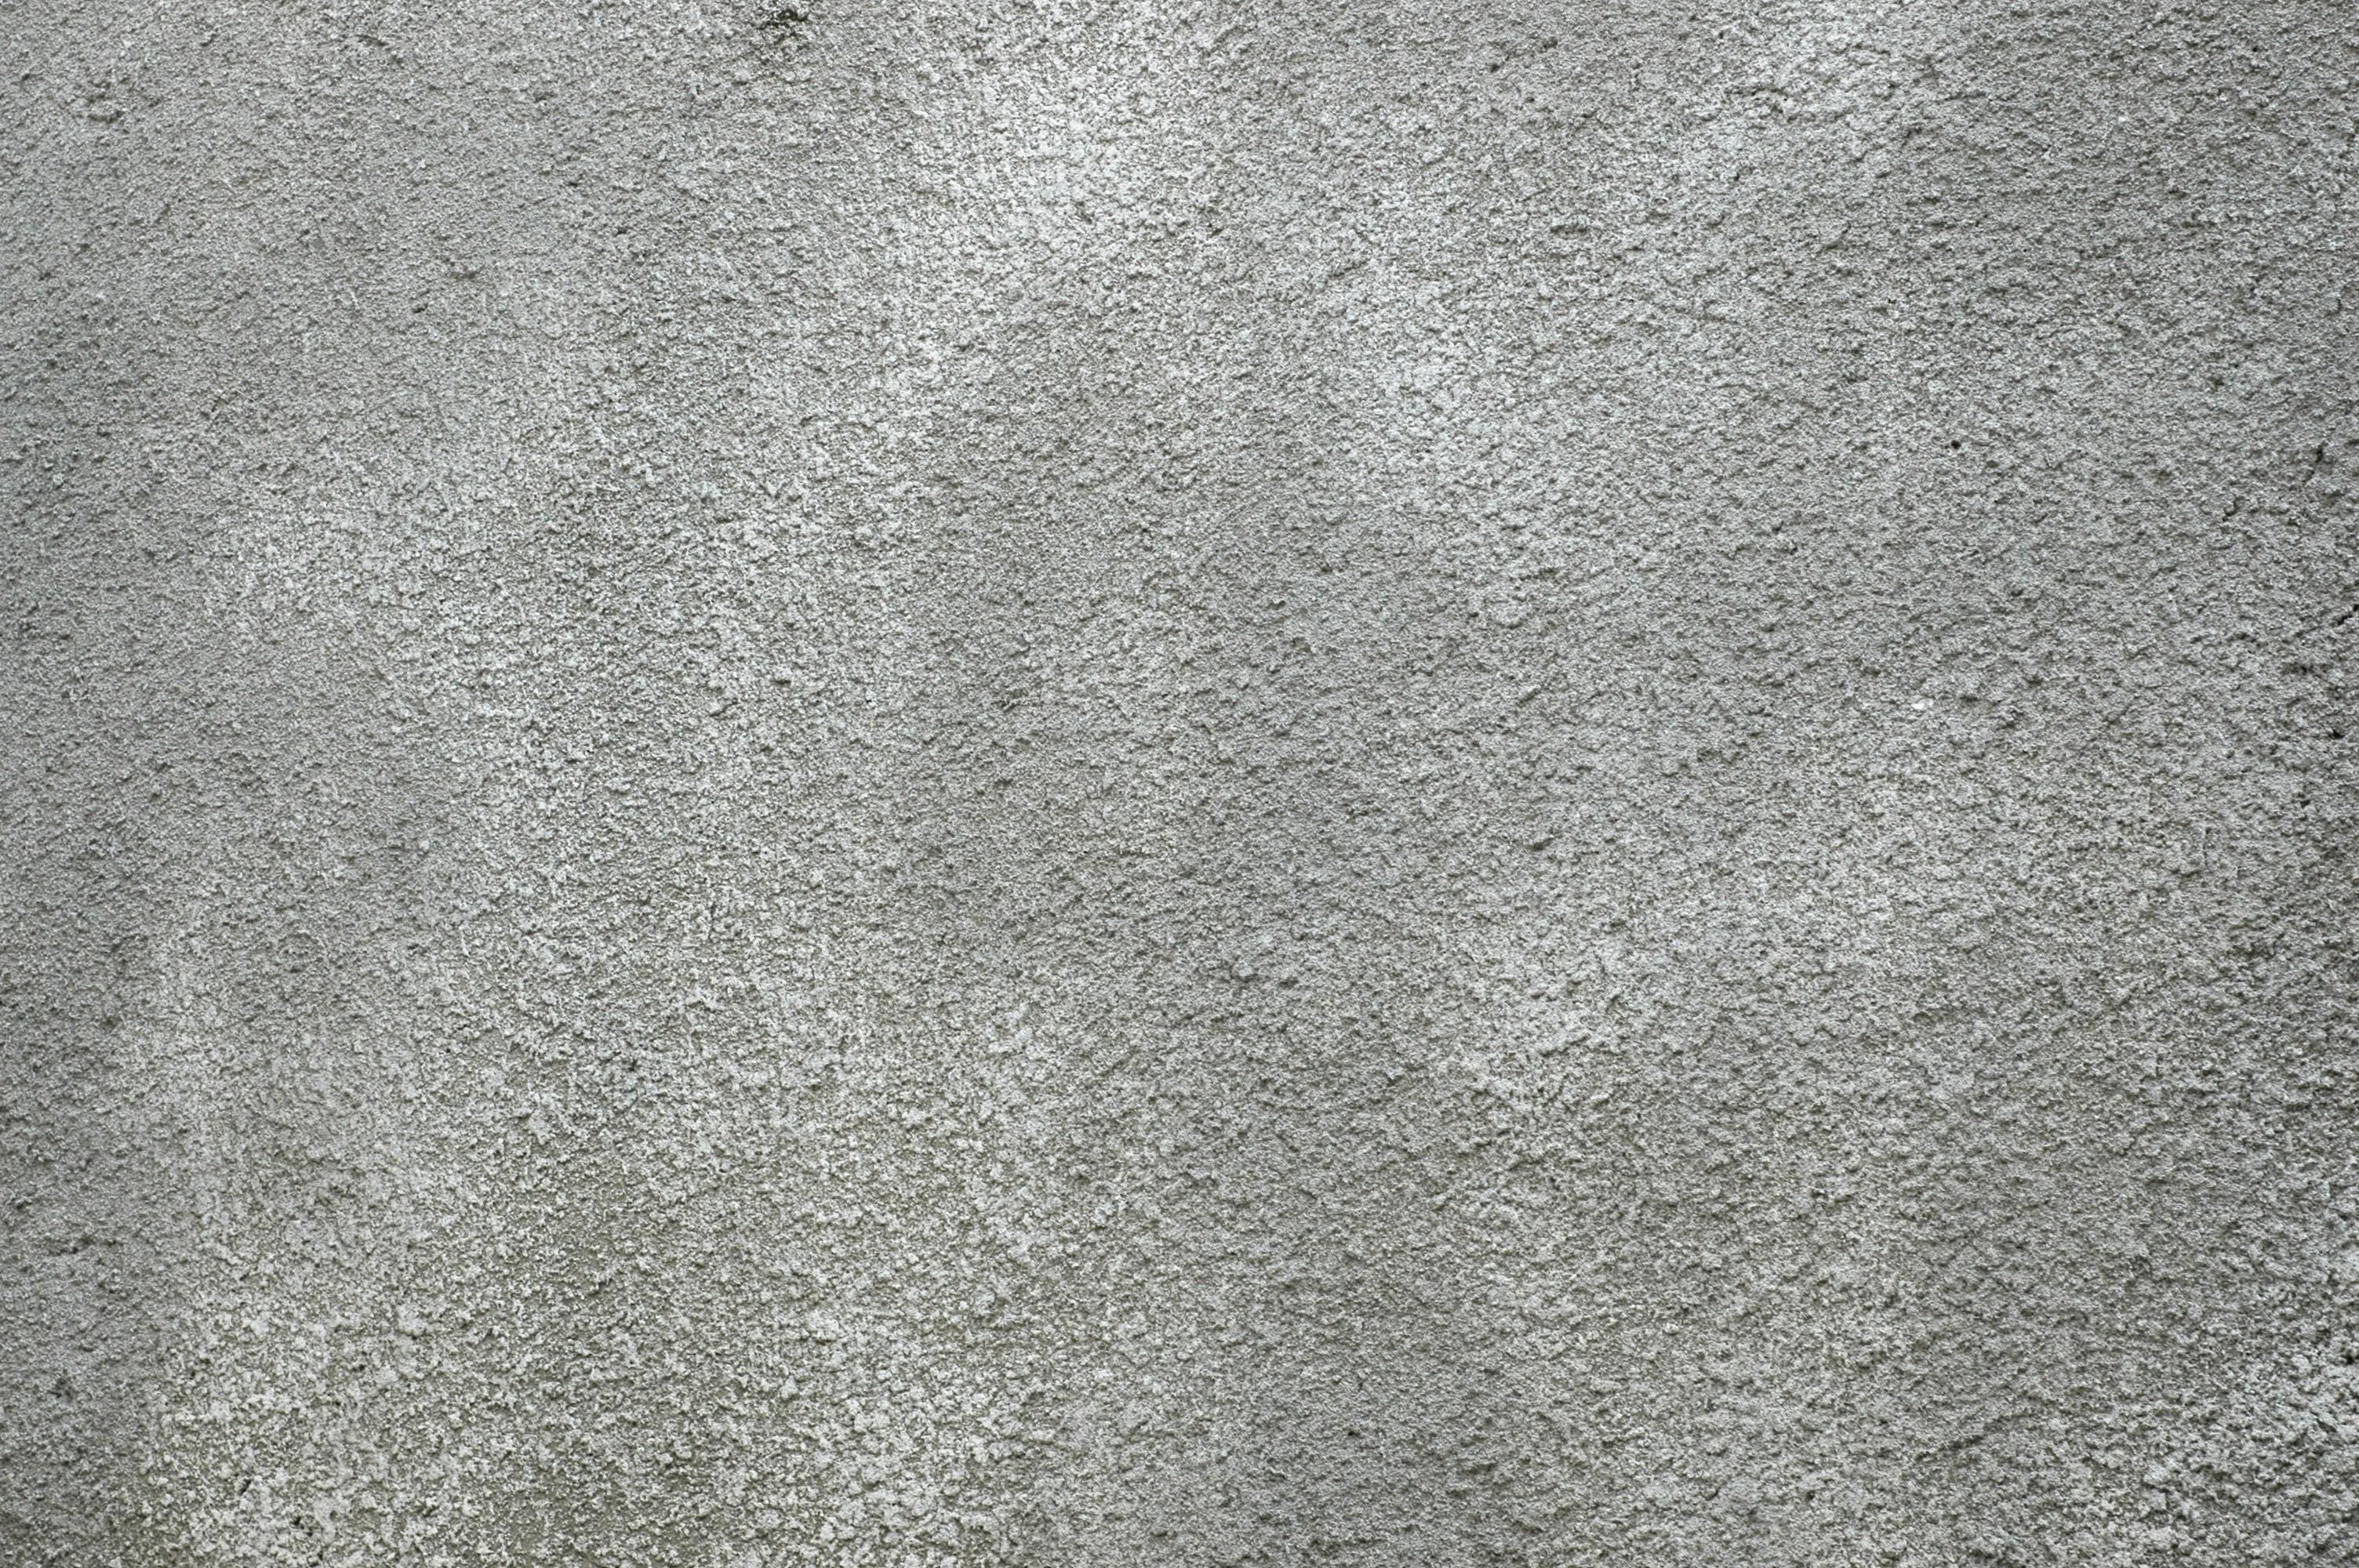 Бумага фон текстура скачать изображение paper texture